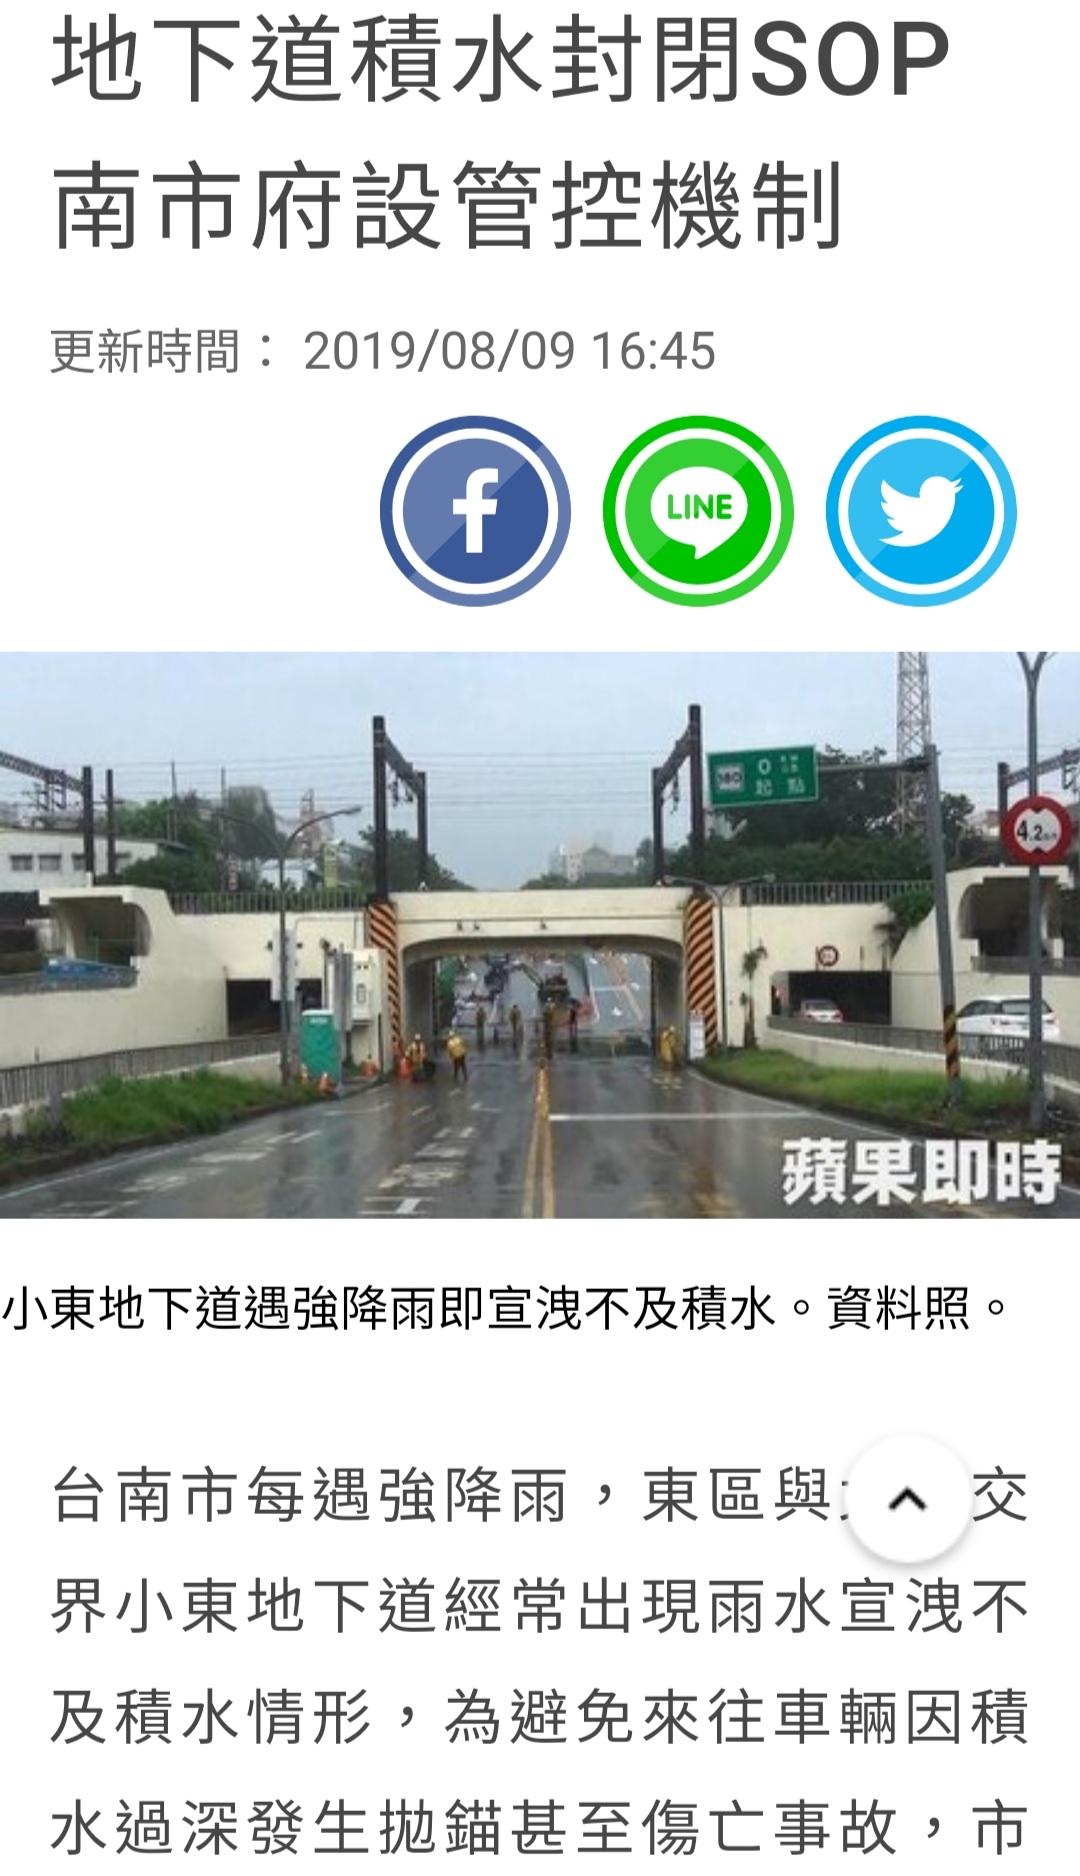 [新聞] 小東路地下道積水60公分 轎車闖入拋錨淹